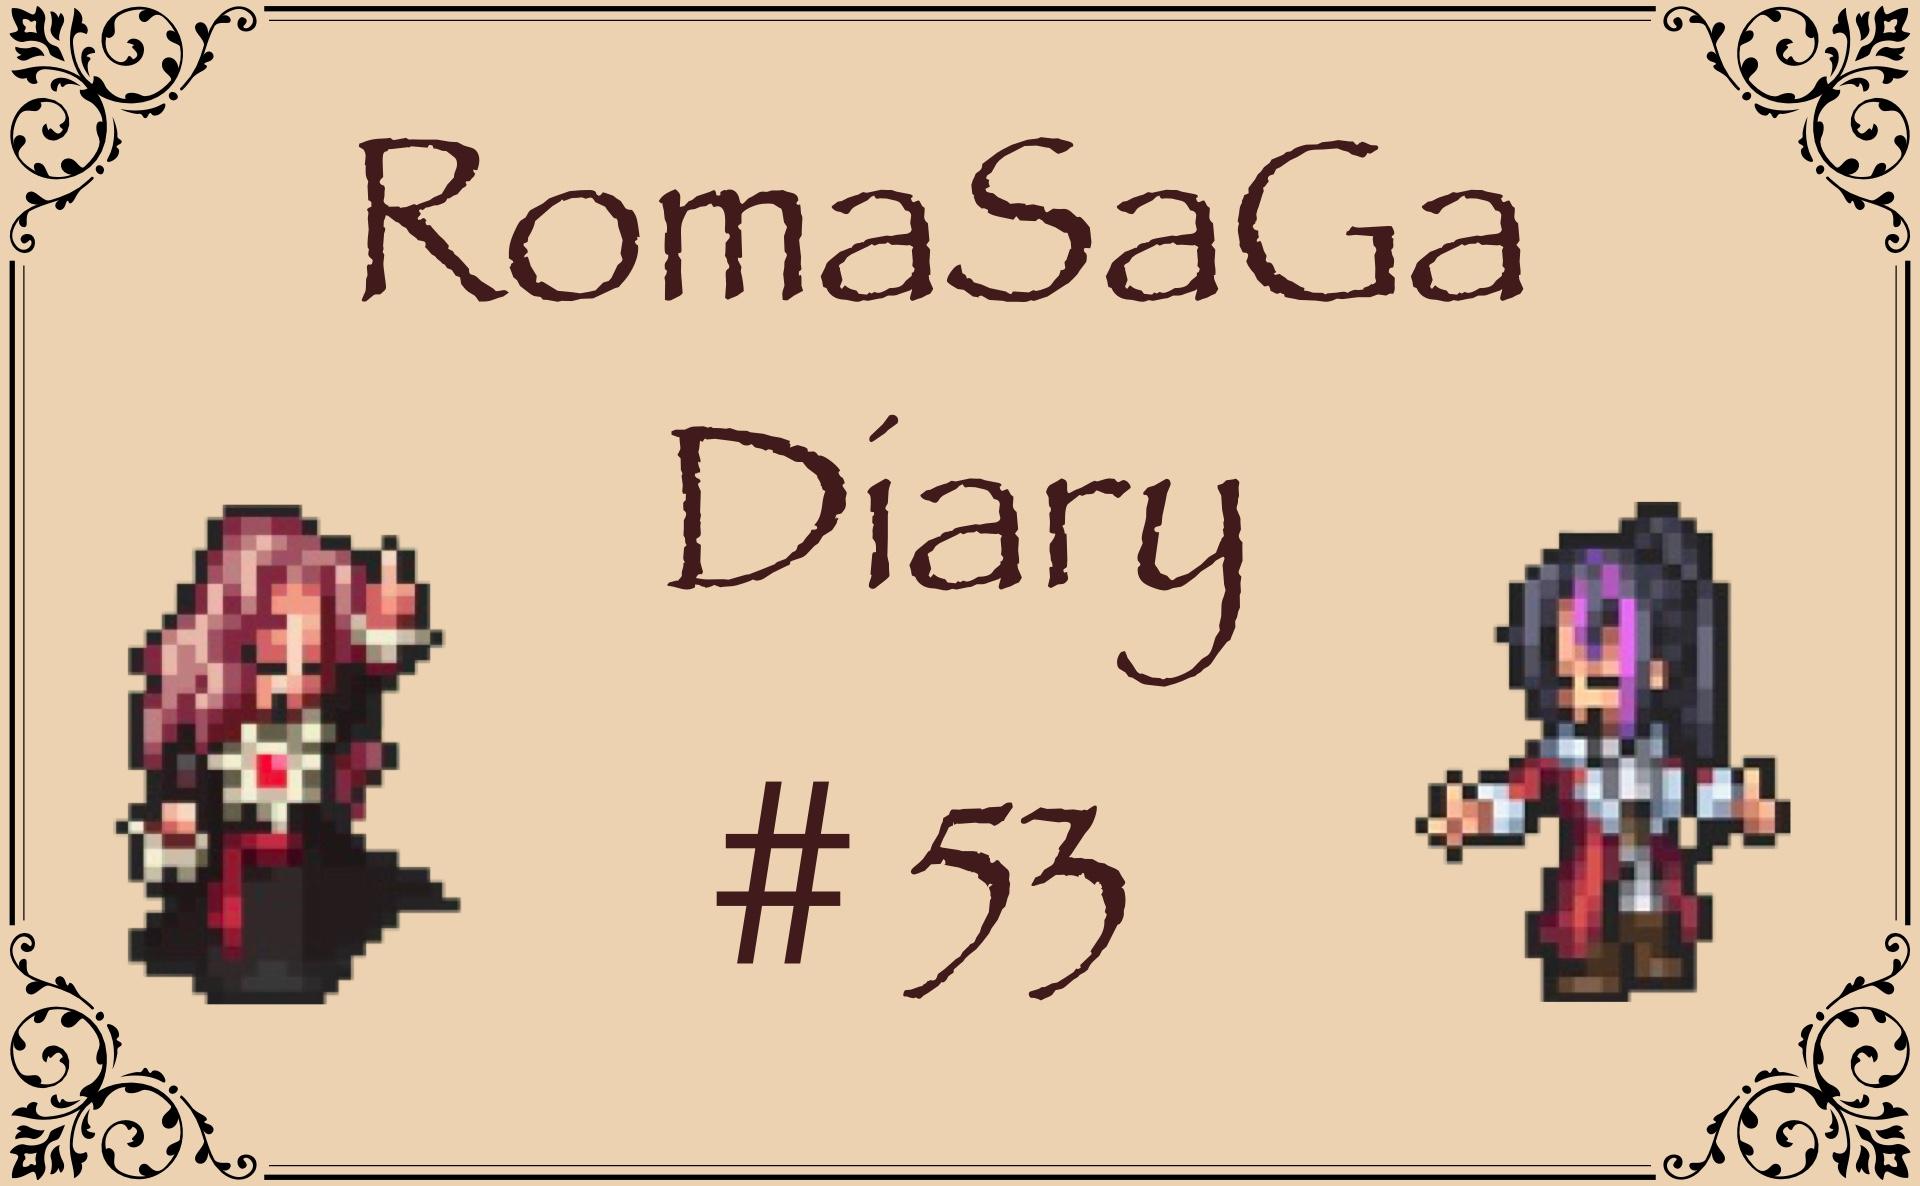 ロマサガDiary#53